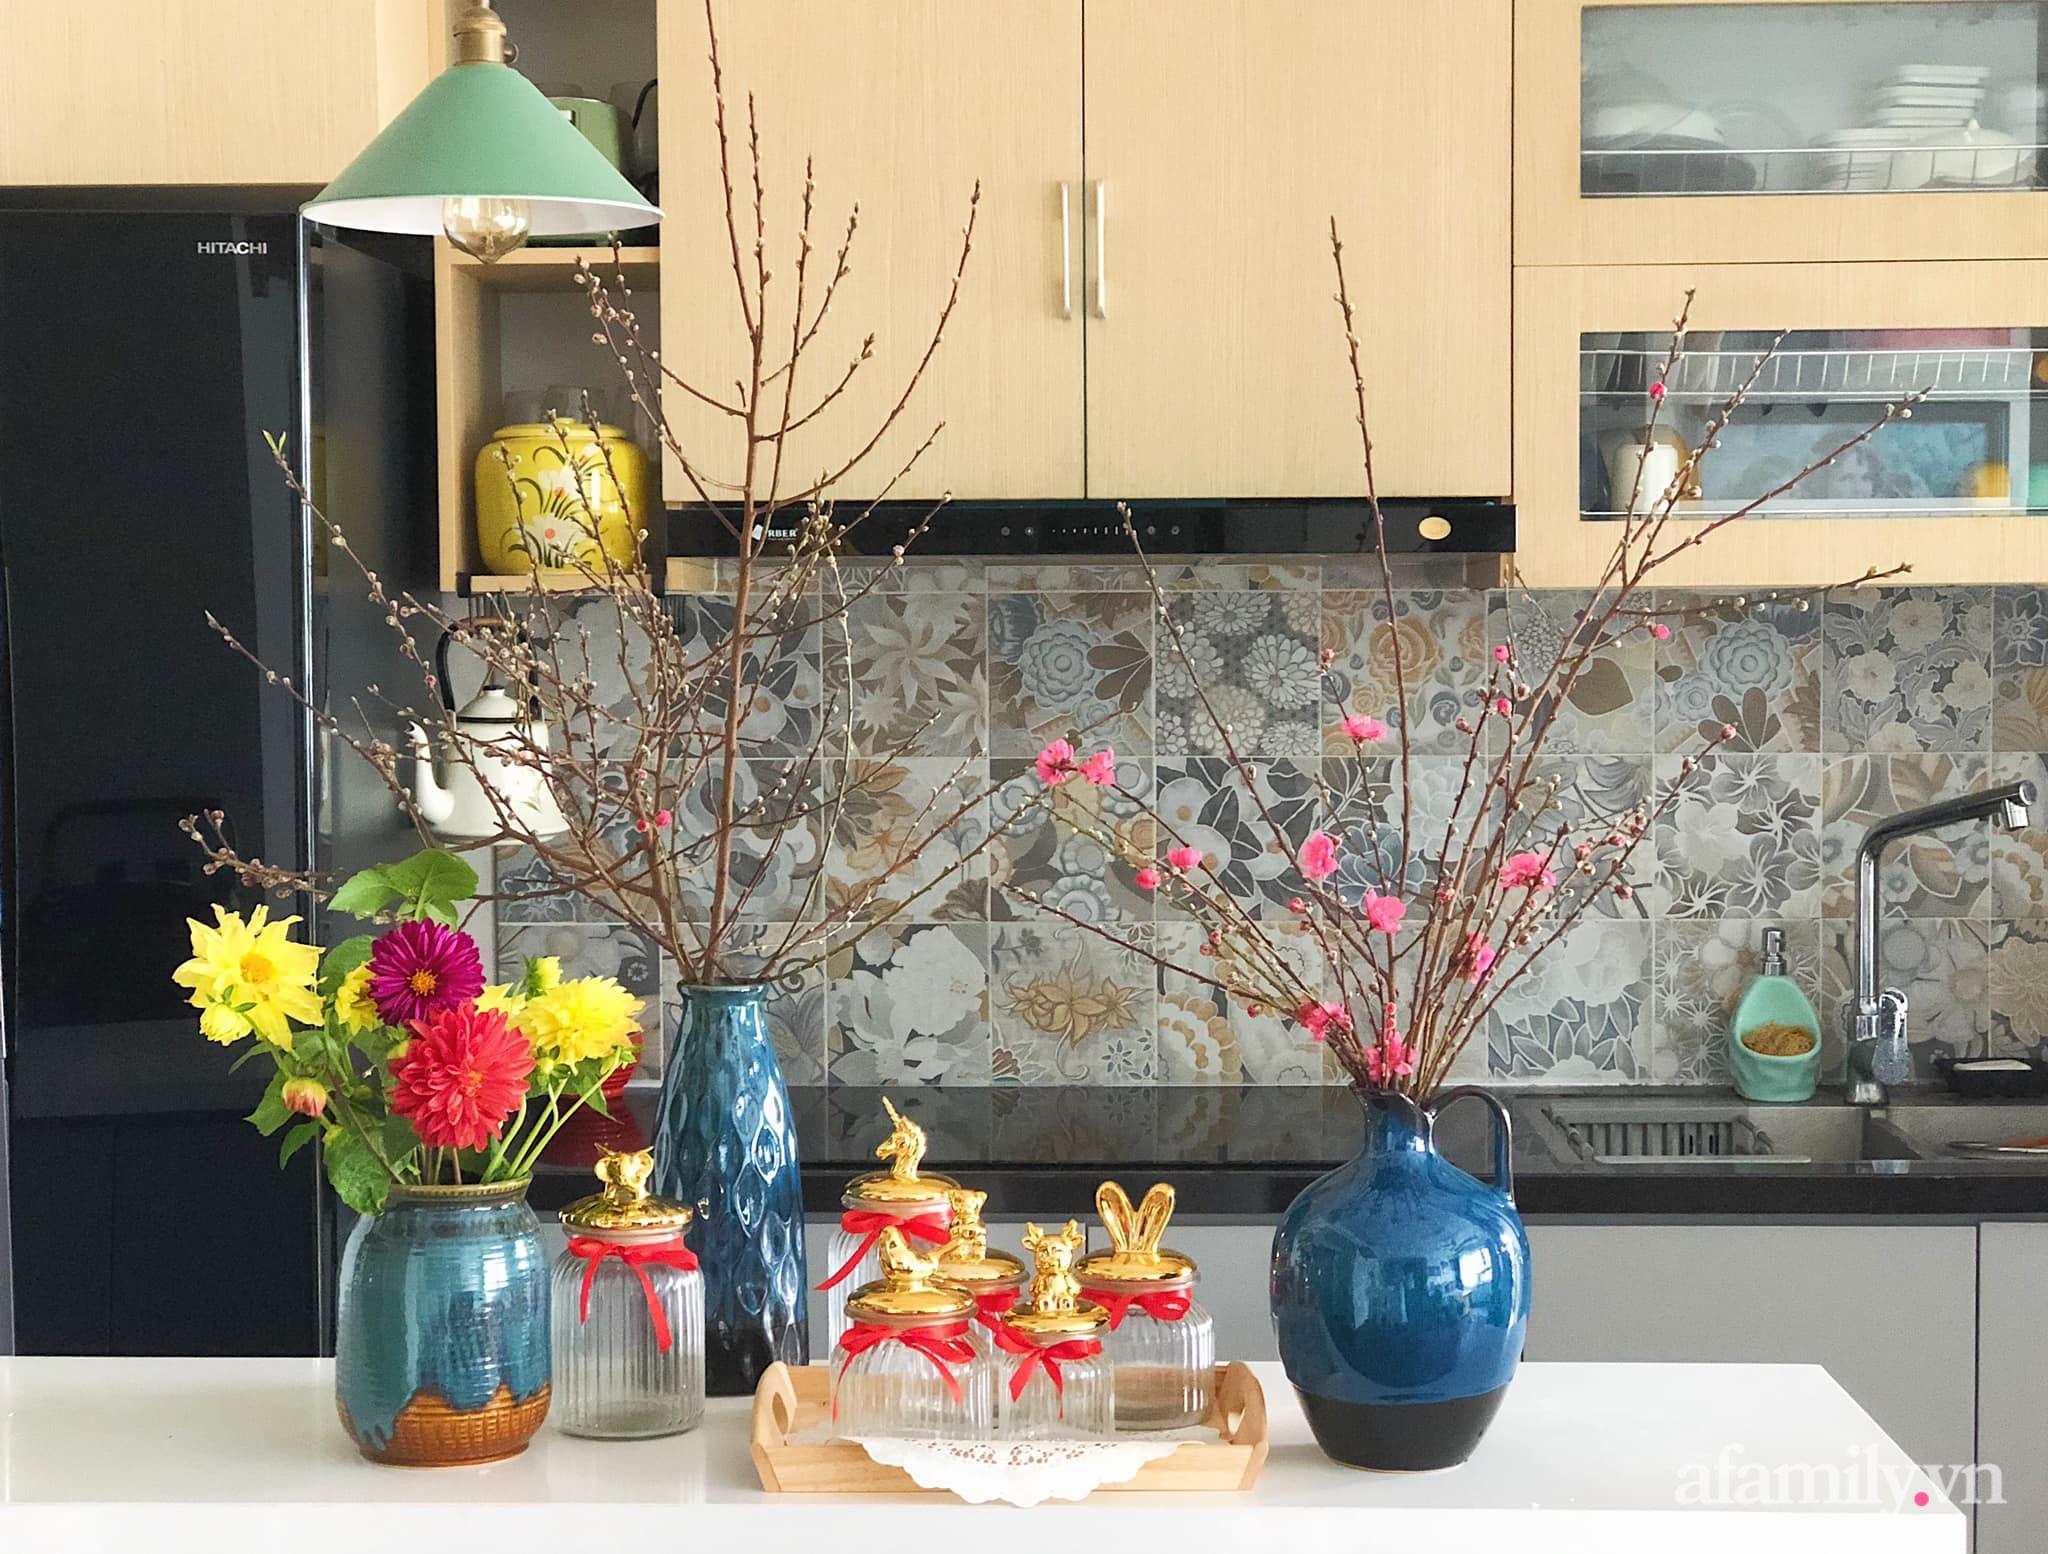 Mẻ đảm Hà Nội khéo mang Tết vào tổ ấm đẹp duyên dáng với gốm và hoa - Ảnh 17.